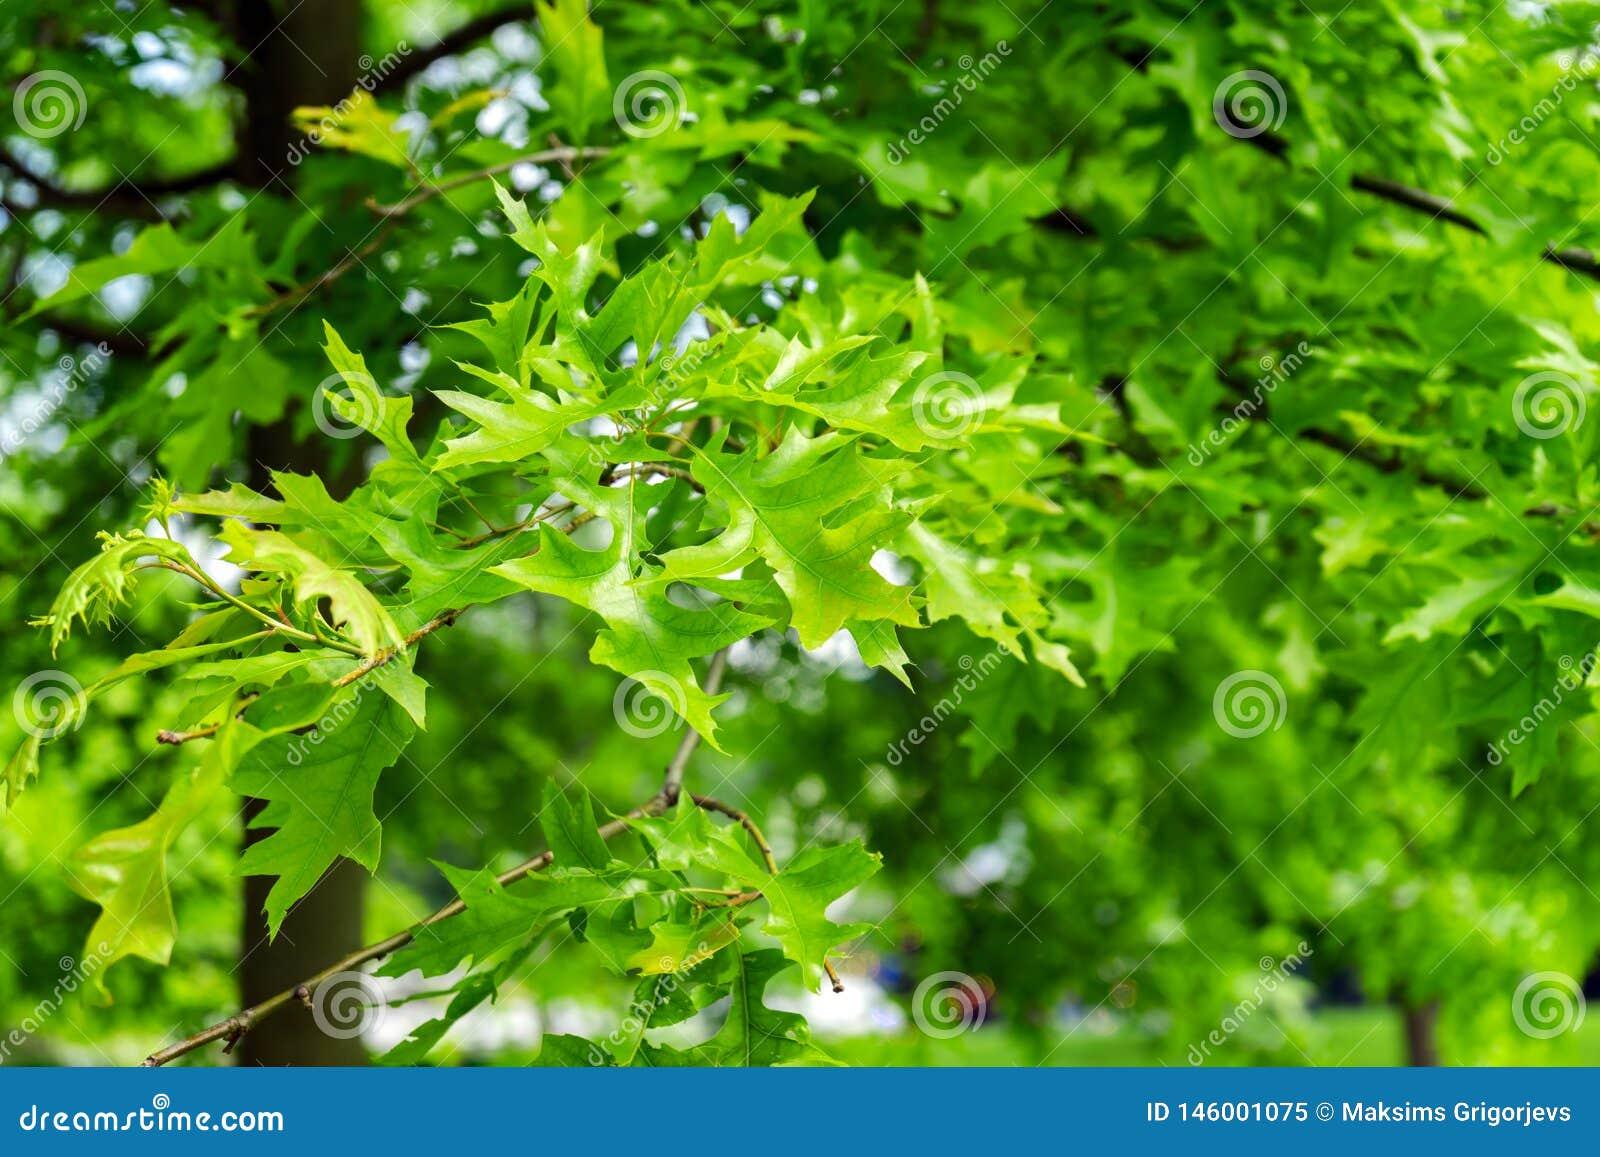 Foglie verdi di abbellimento albero, quercus palustris, il perno o della quercia spagnola della palude in parco